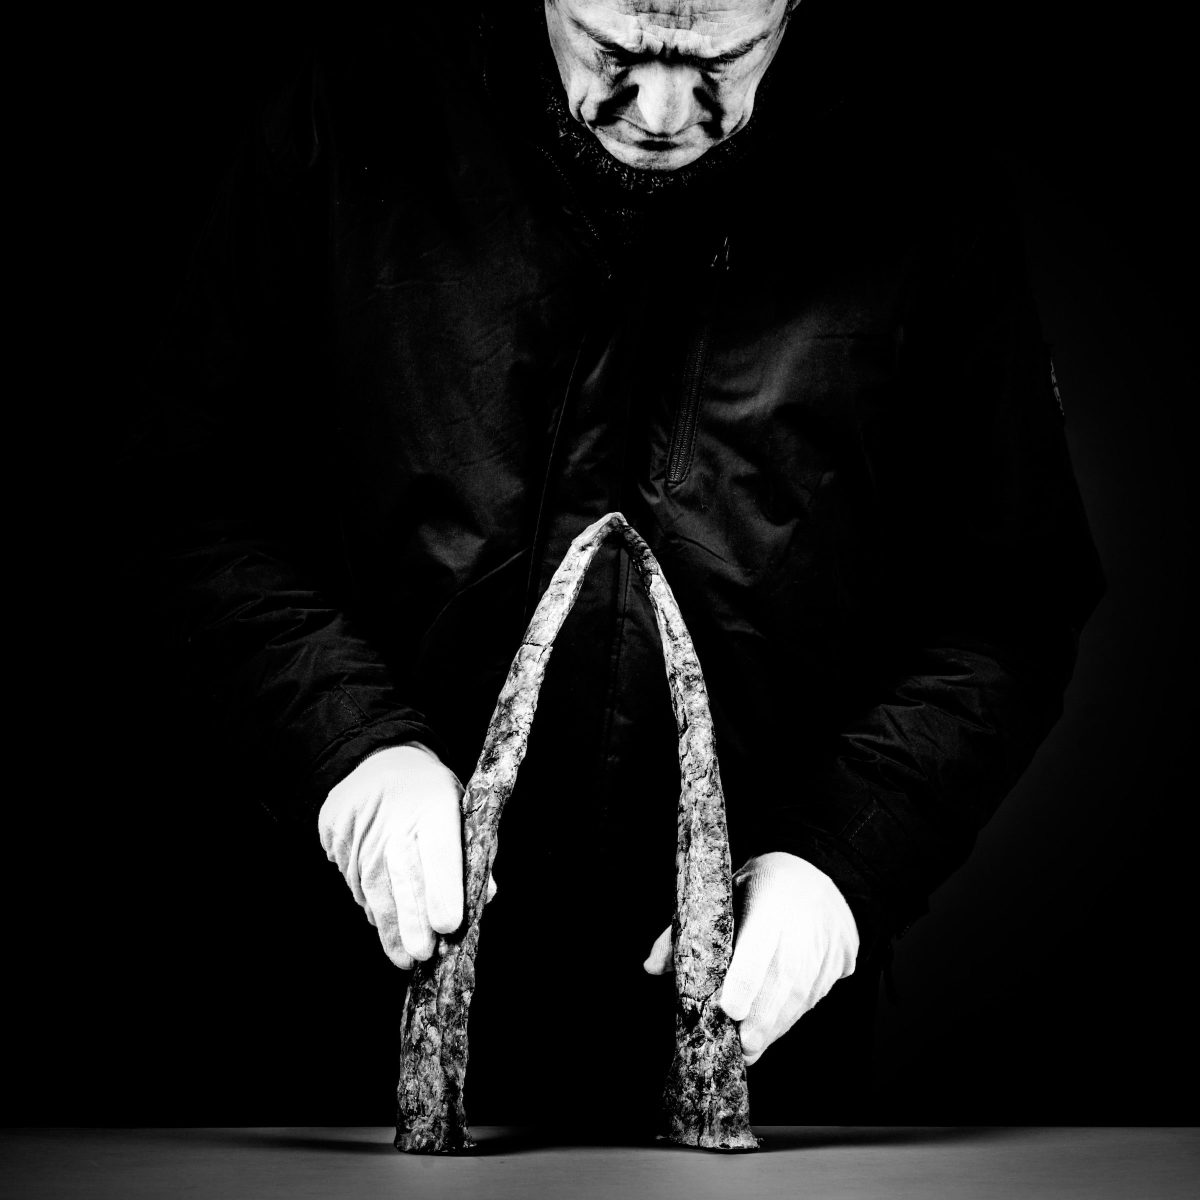 Daniel Coulet portrait